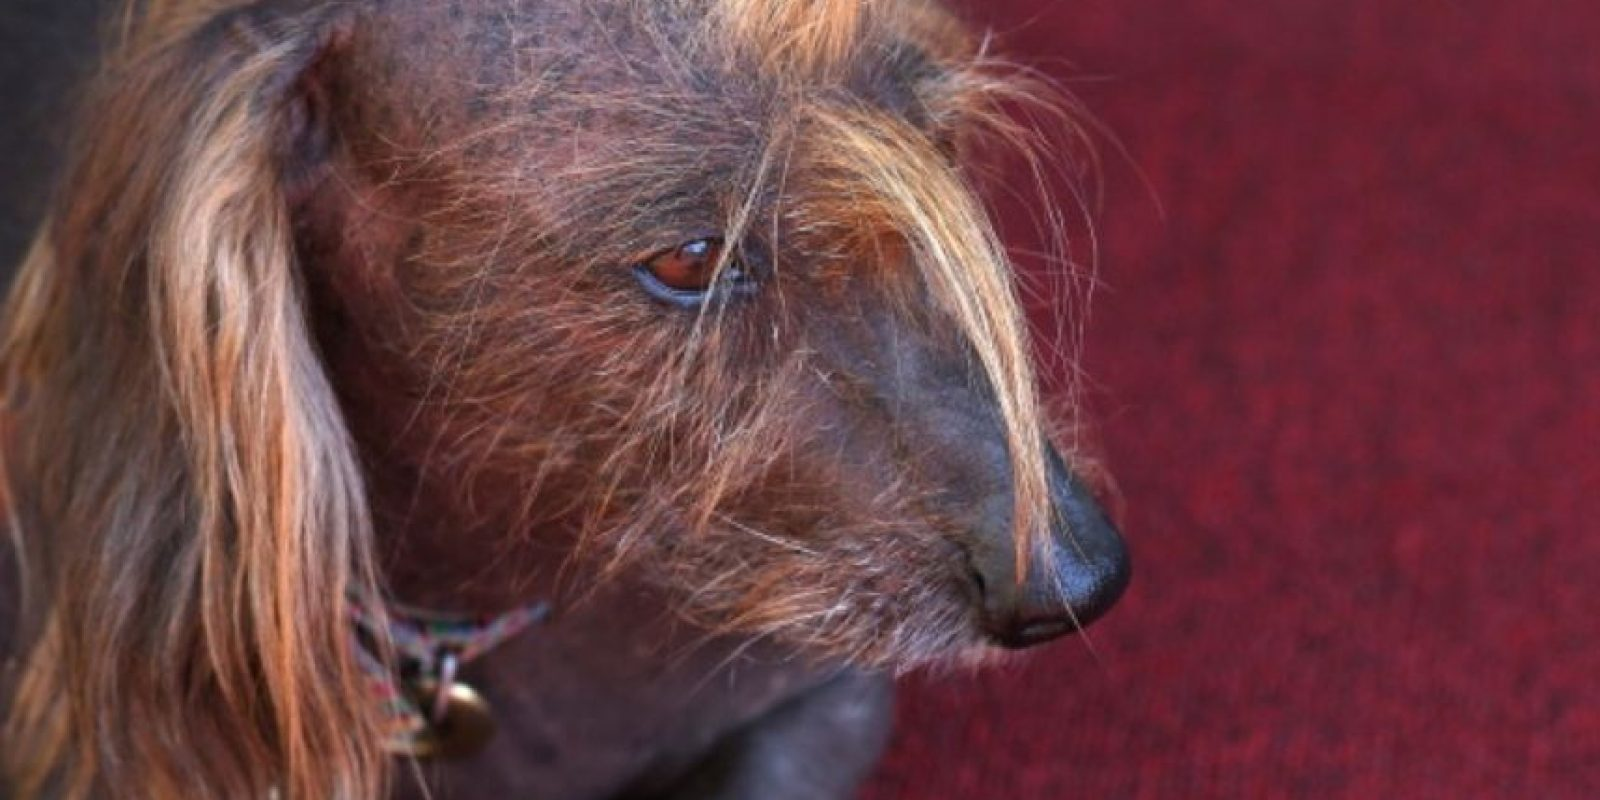 El ganador del año pasado poseía unos dientes protuberantes y su piel era abultada. Foto:Getty Images